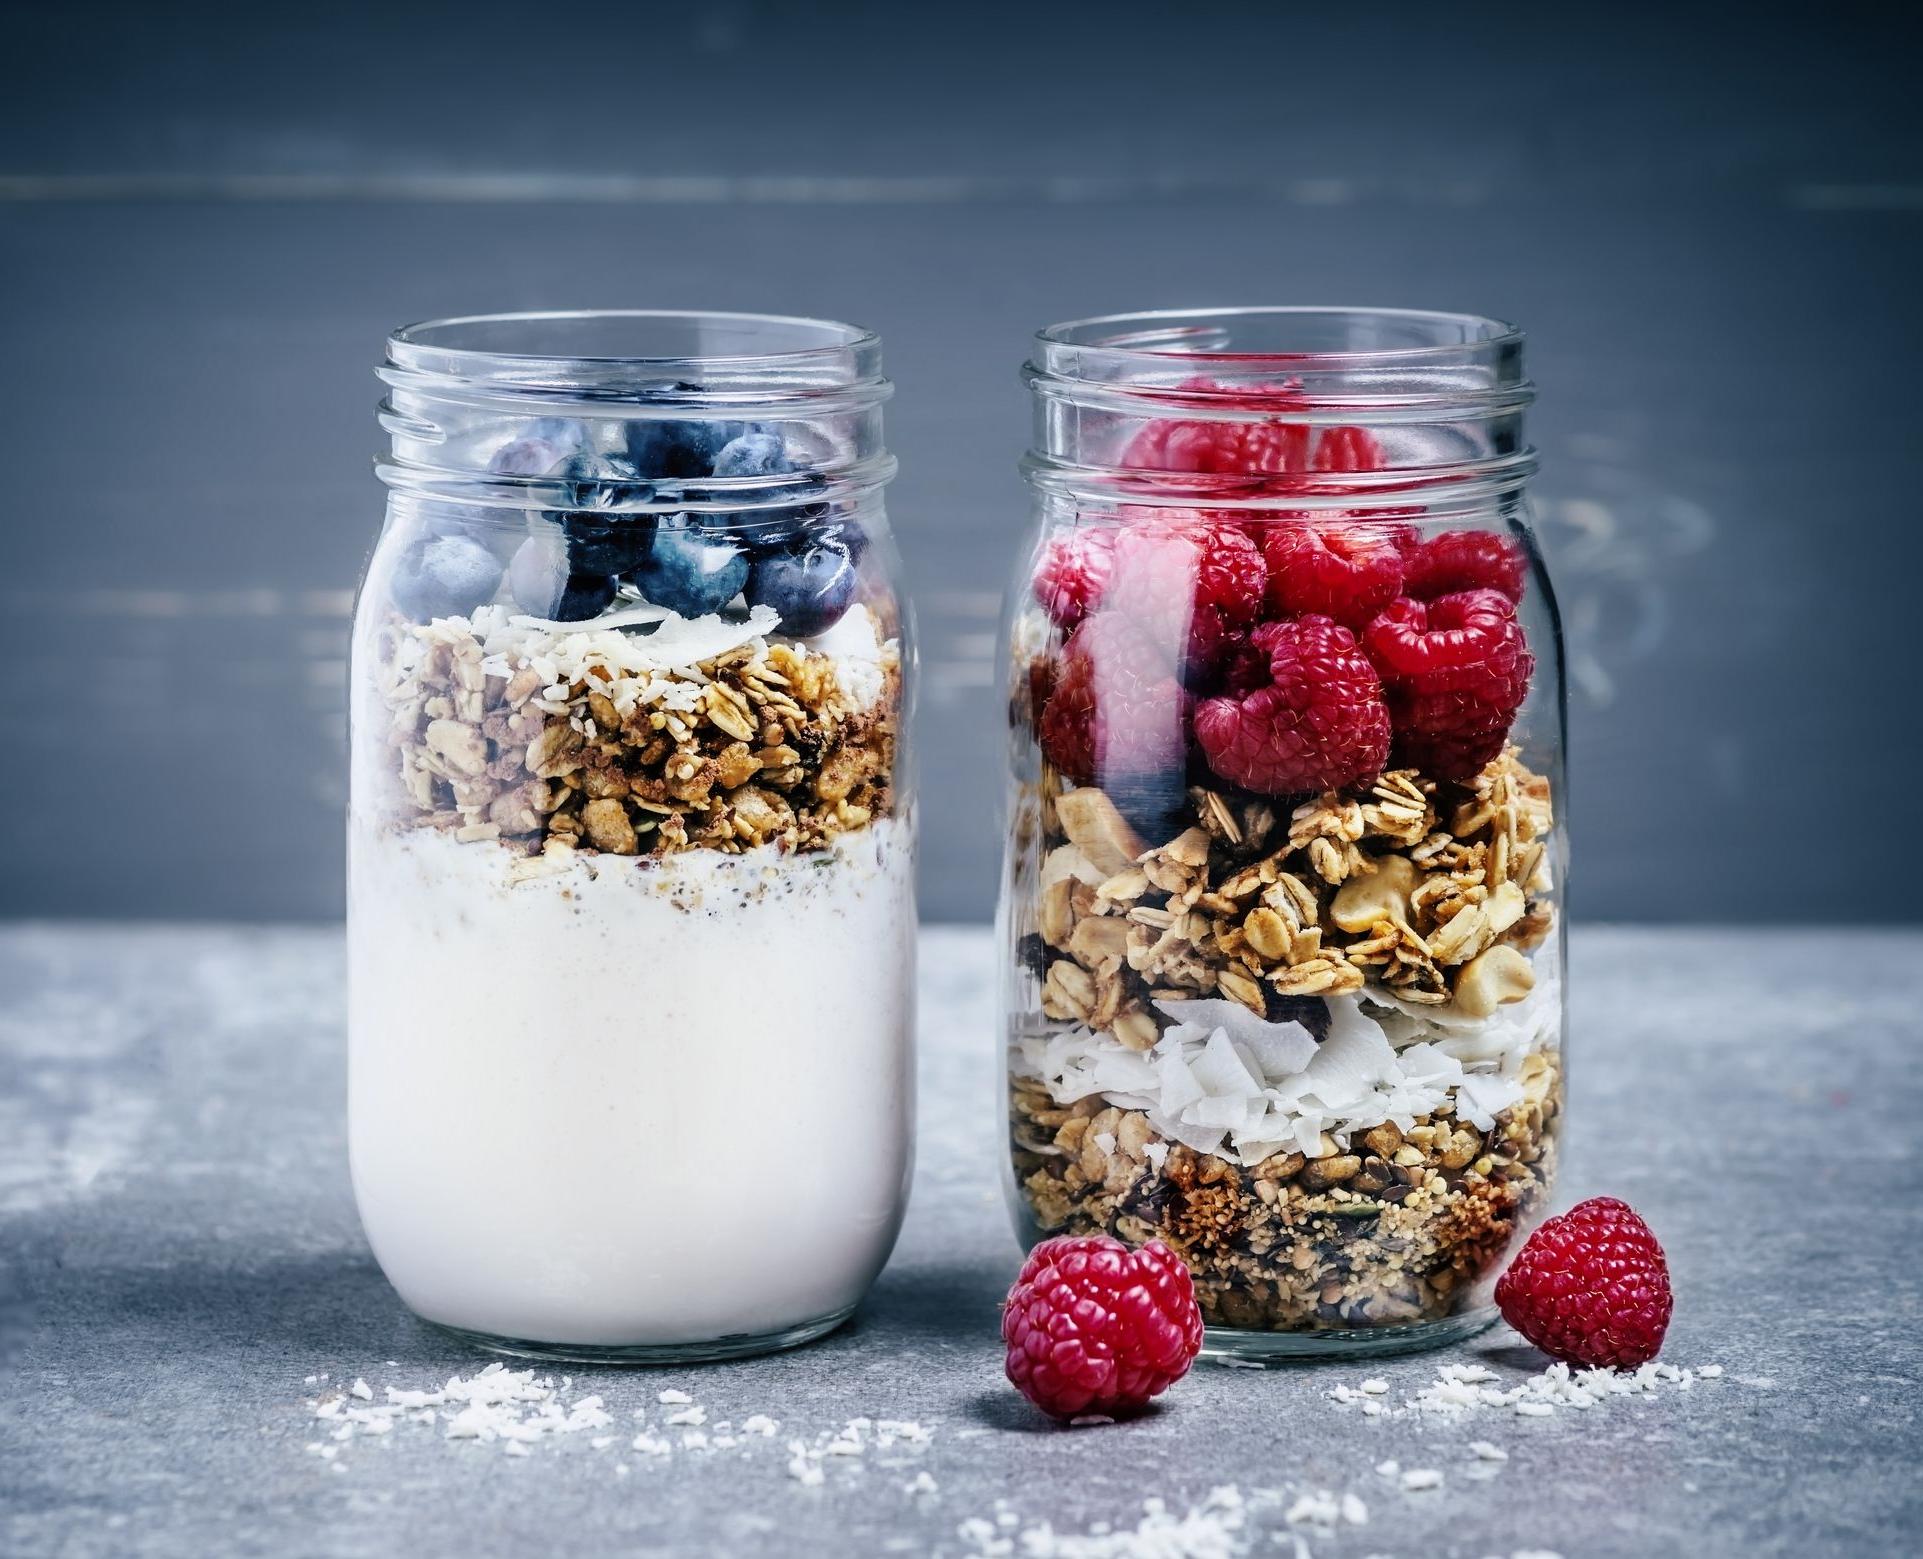 Certains types de yaourt contiennent des bactéries vivantes ou des probiotiques. Ceux-ci peuvent être bénéfiques pour la santé digestive lorsque vous les consommez.